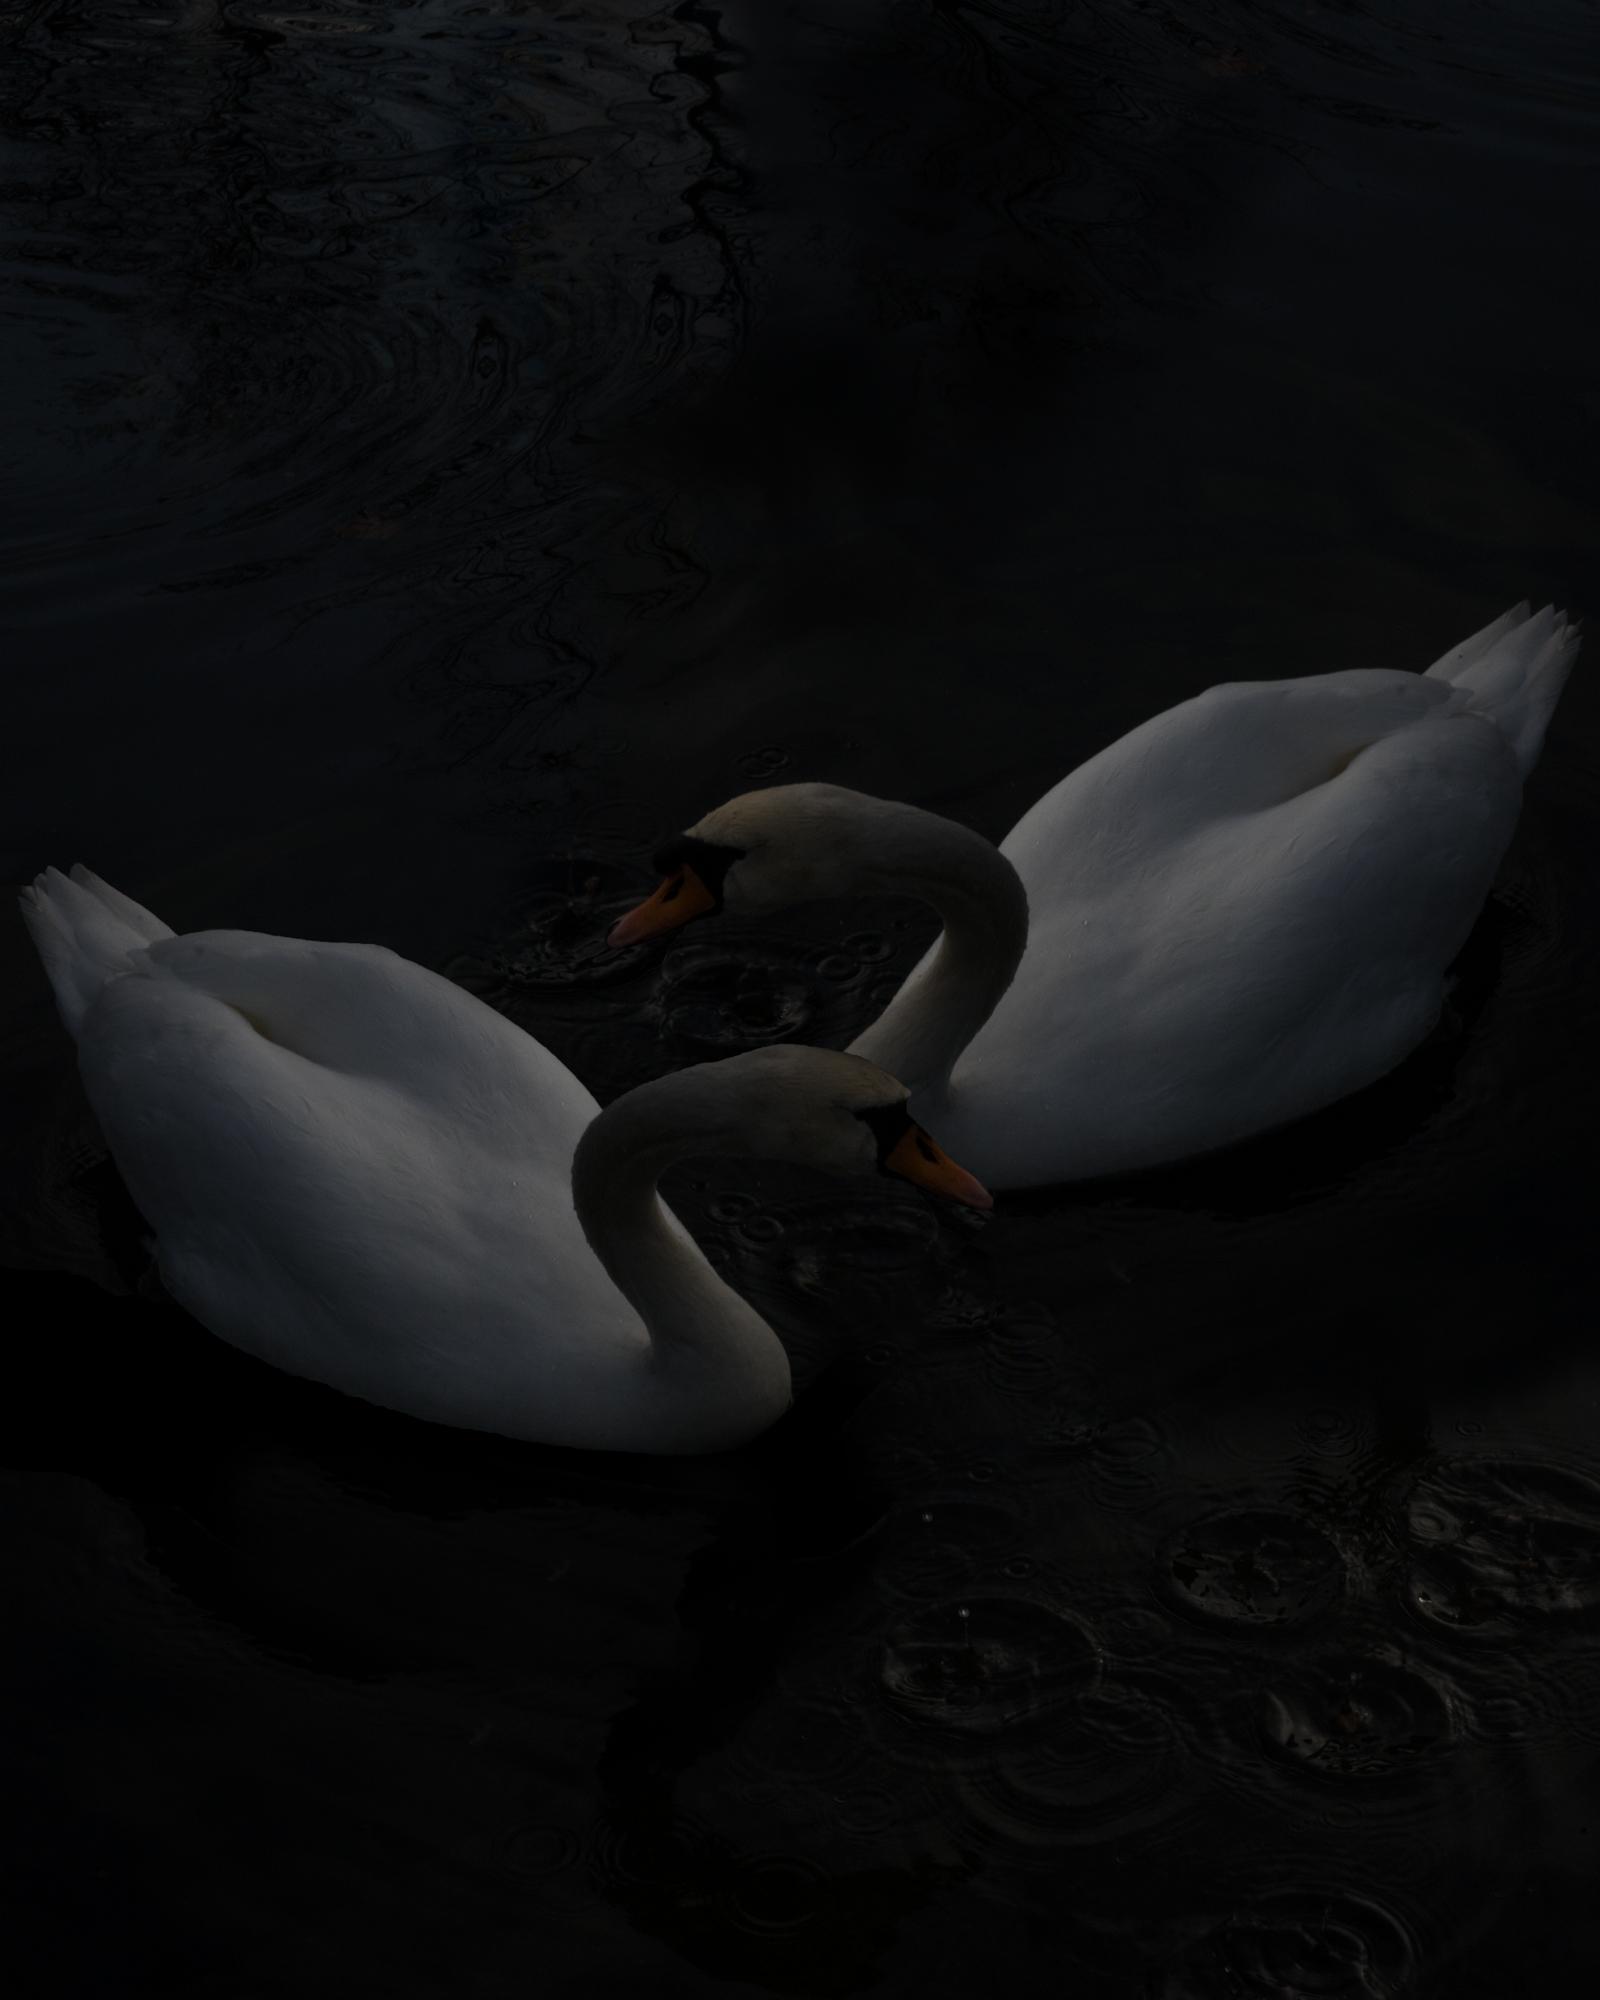 Swans, 2017, Archival Pigment Print, 16x20